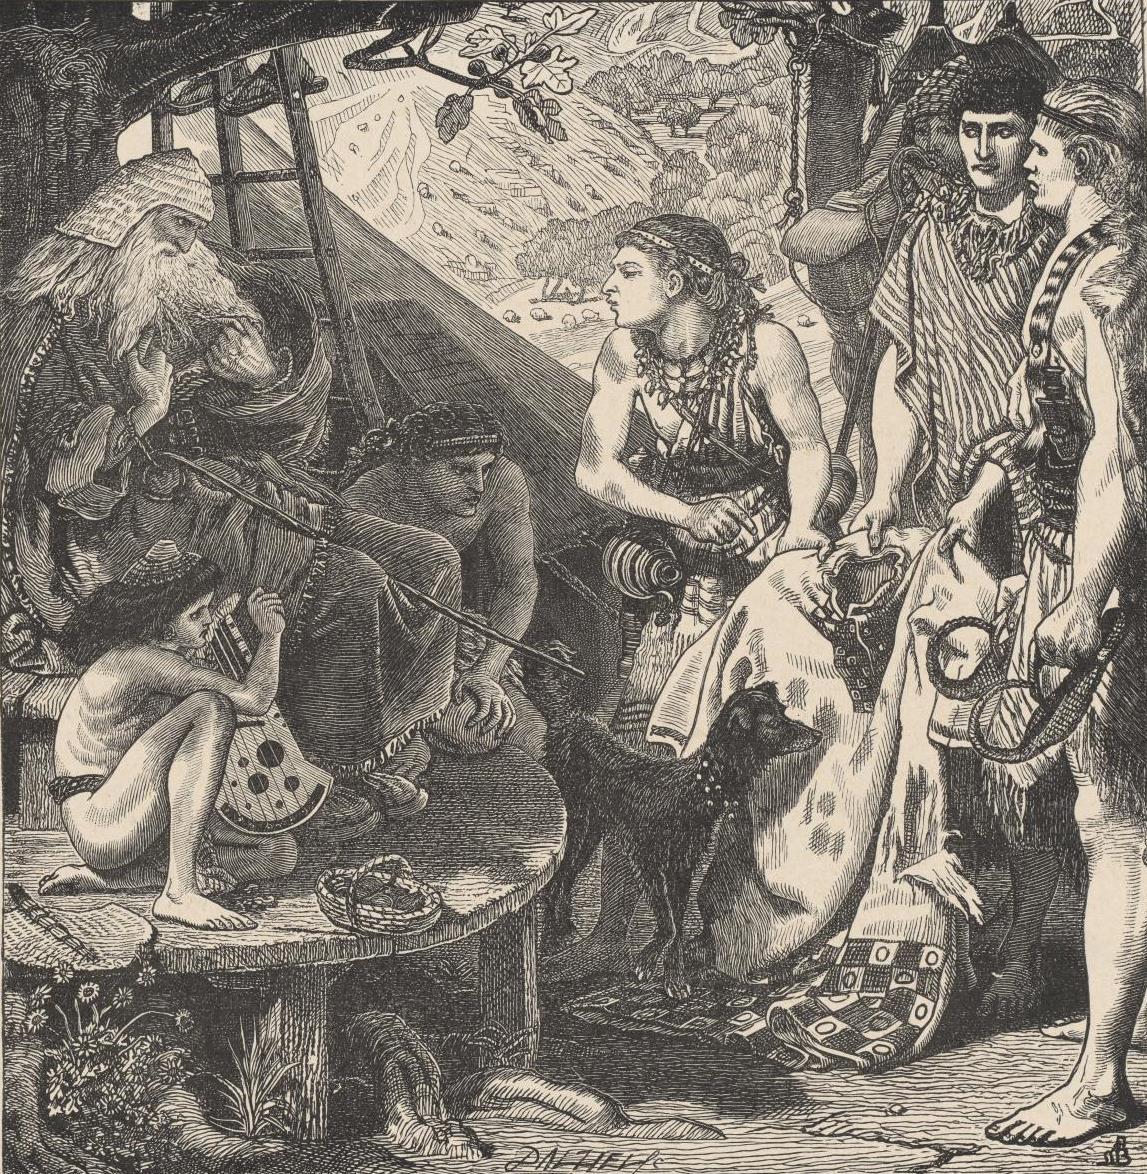 Форд Мэдокс Браун. Сыновья показывают Иакову тунику брата Иосифа, проданного в рабство